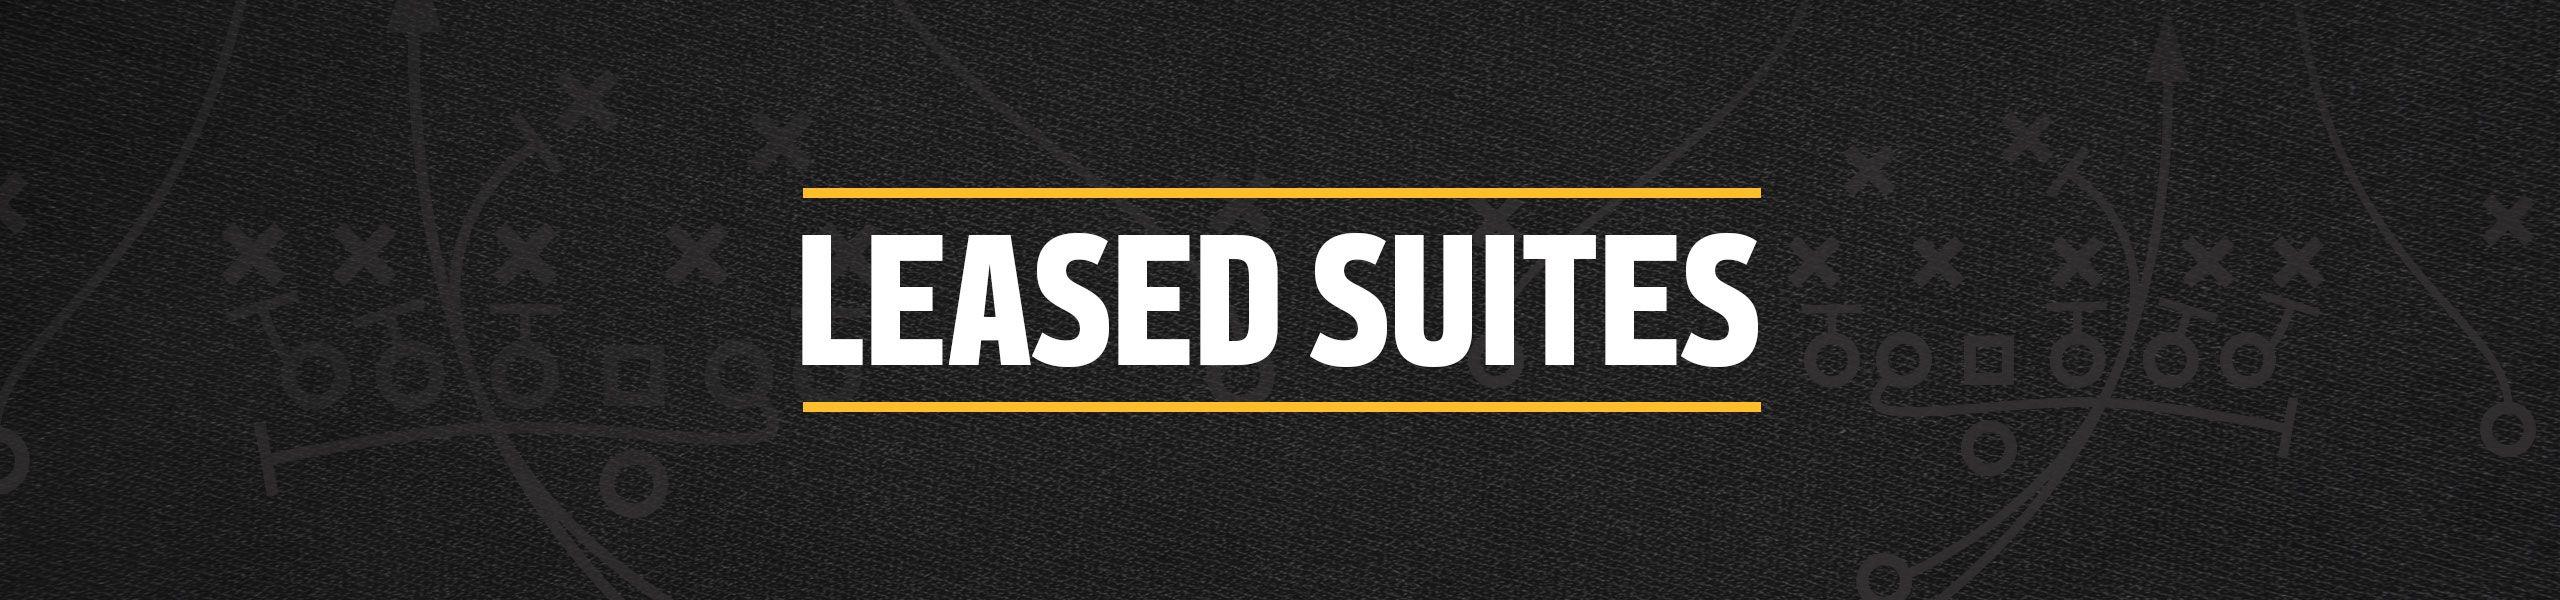 Leased-Suites-Header-2